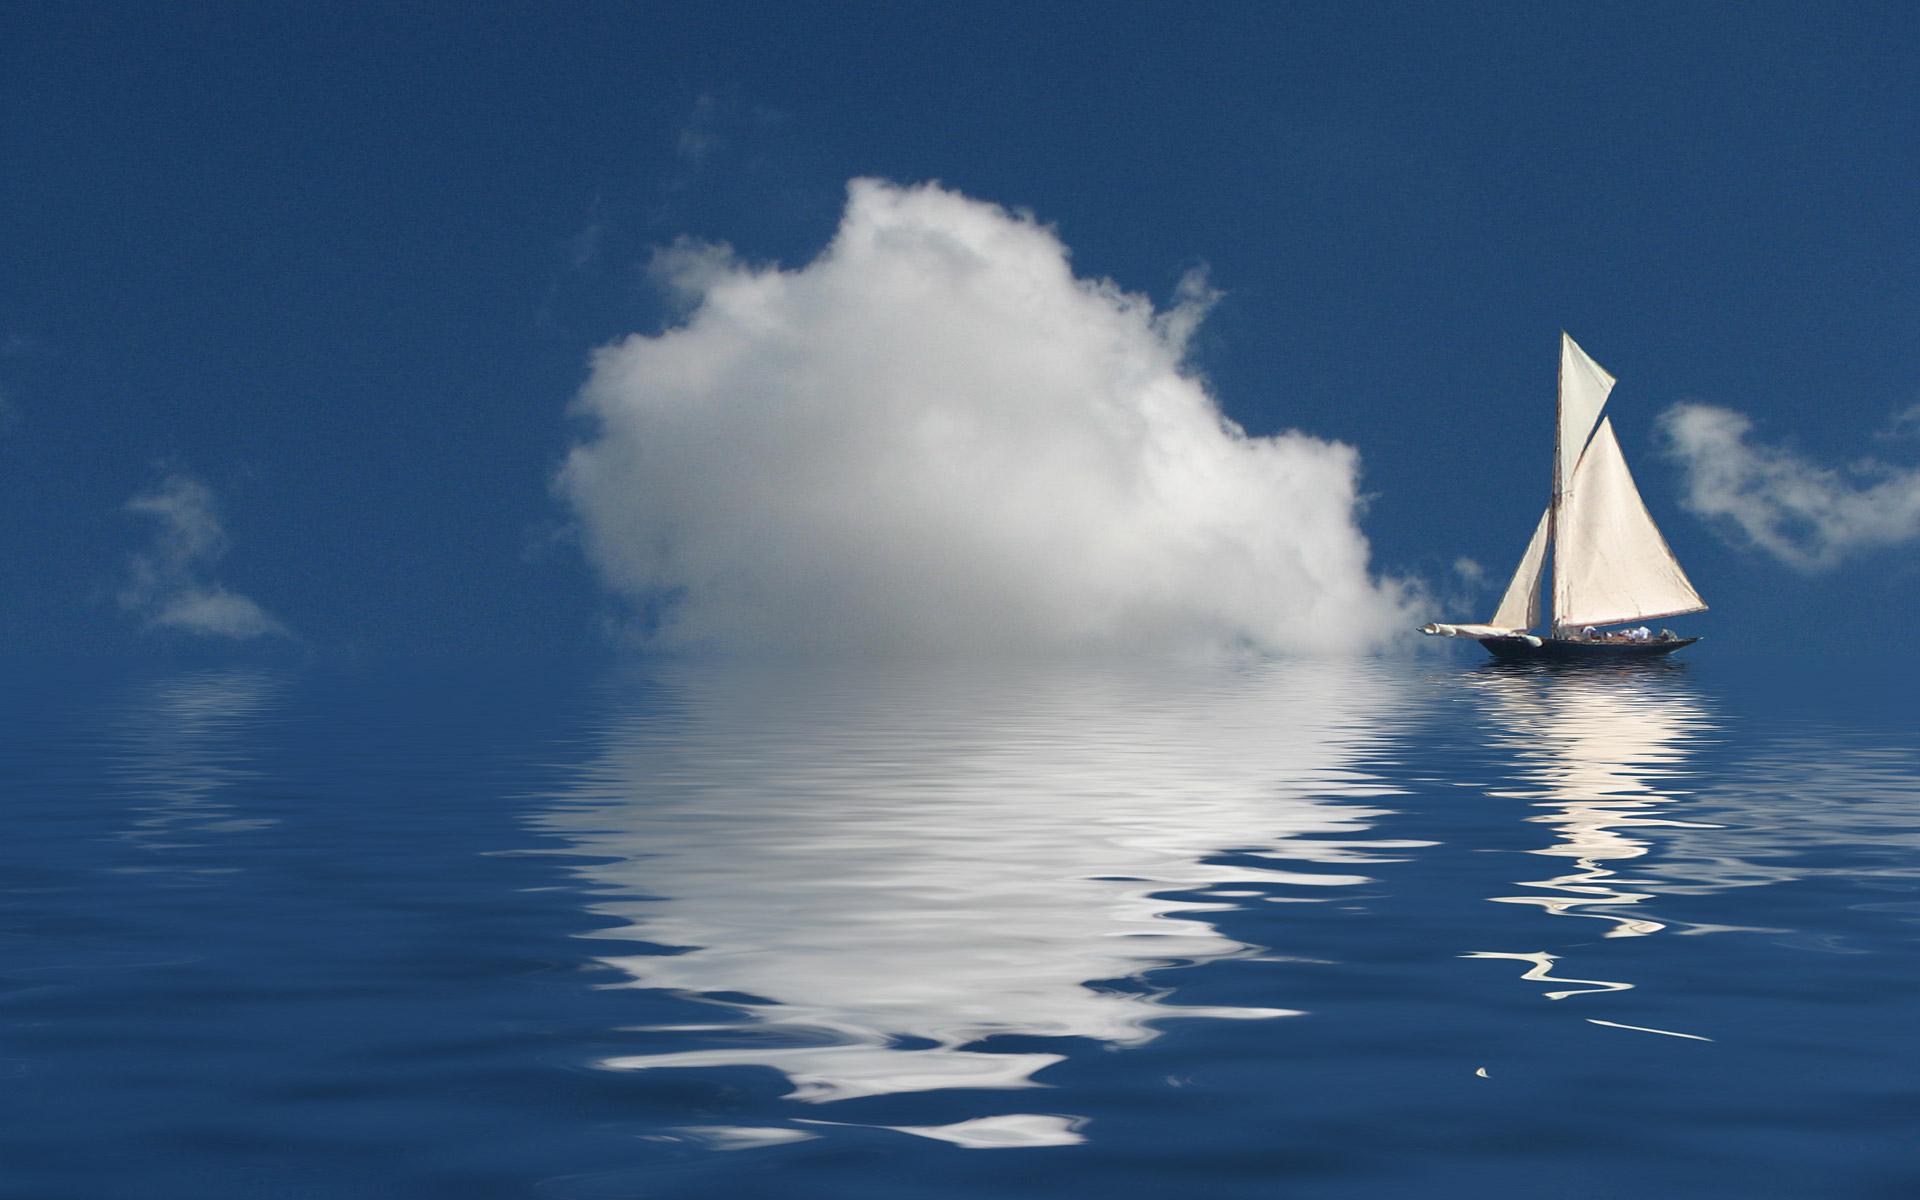 Парусник в море, на воде, фото кораблей, лодок